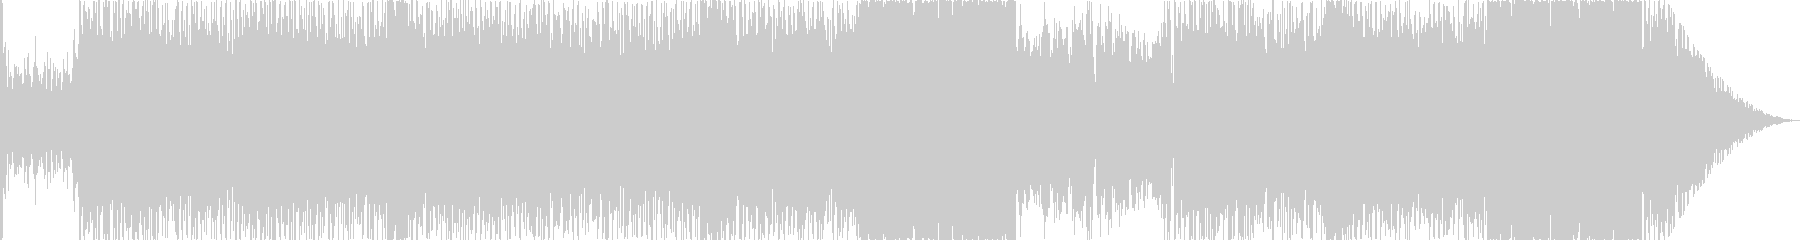 神秘的で不思議な雰囲気のBGM2の未再生の波形